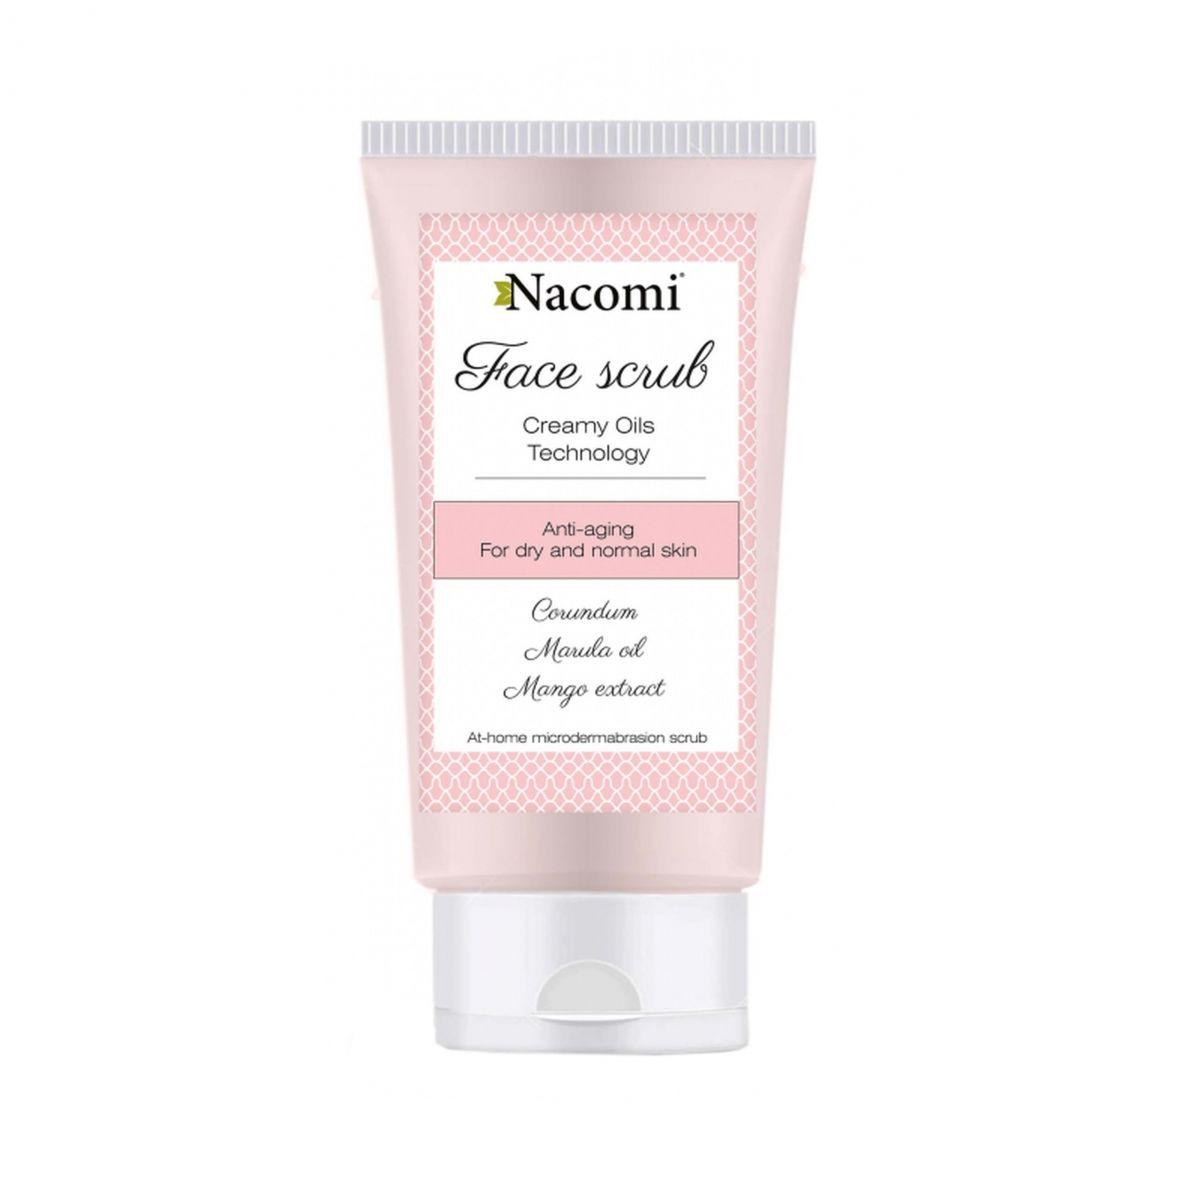 Przeciwzmarszczkowy peeling do twarzy z korundem i olejem arganowym - 85ml - Nacomi